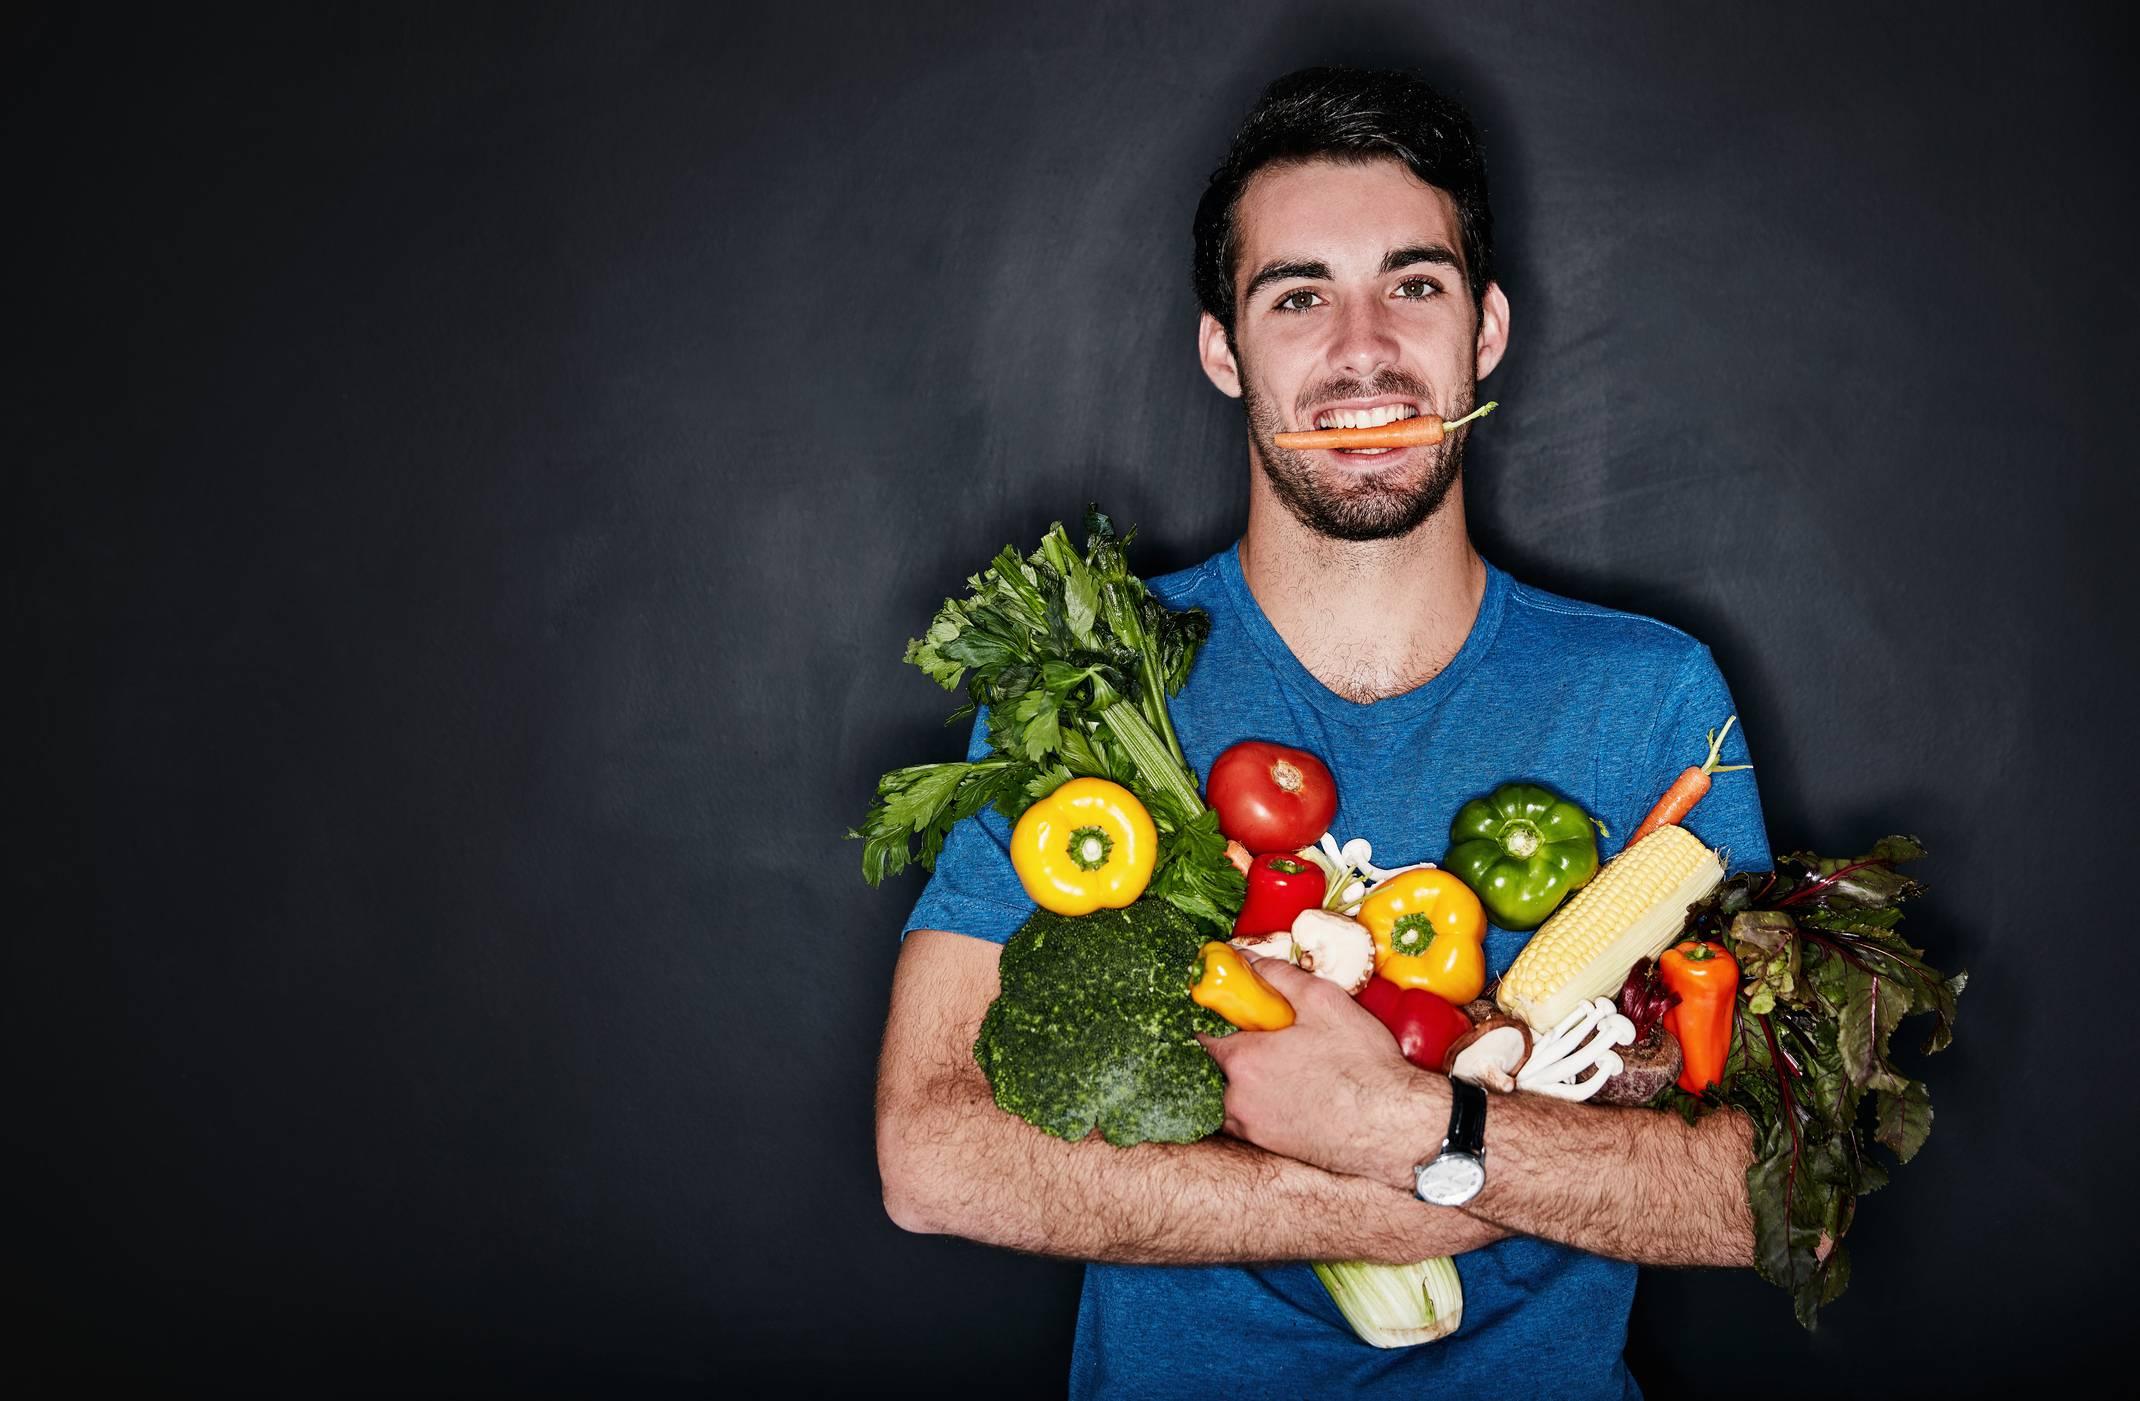 Sei vegetariano? Tutto quello che gli uomini non dicono